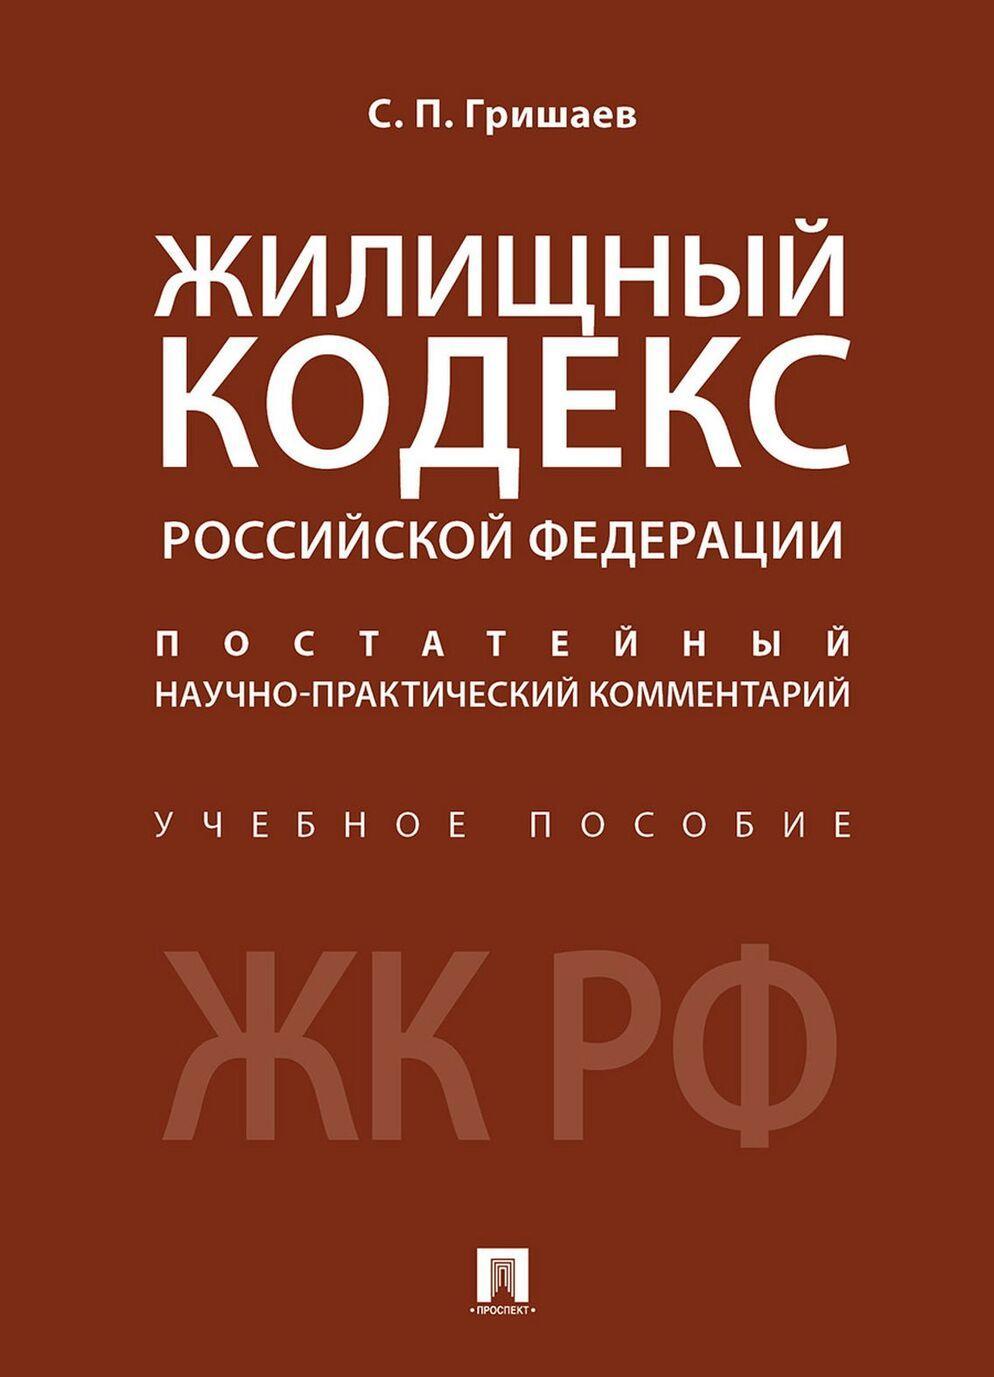 Zhilischnyj kodeks Rossijskoj Federatsii. Postatejnyj nauchno-prakticheskij kommentarij. Uchebnoe posobie